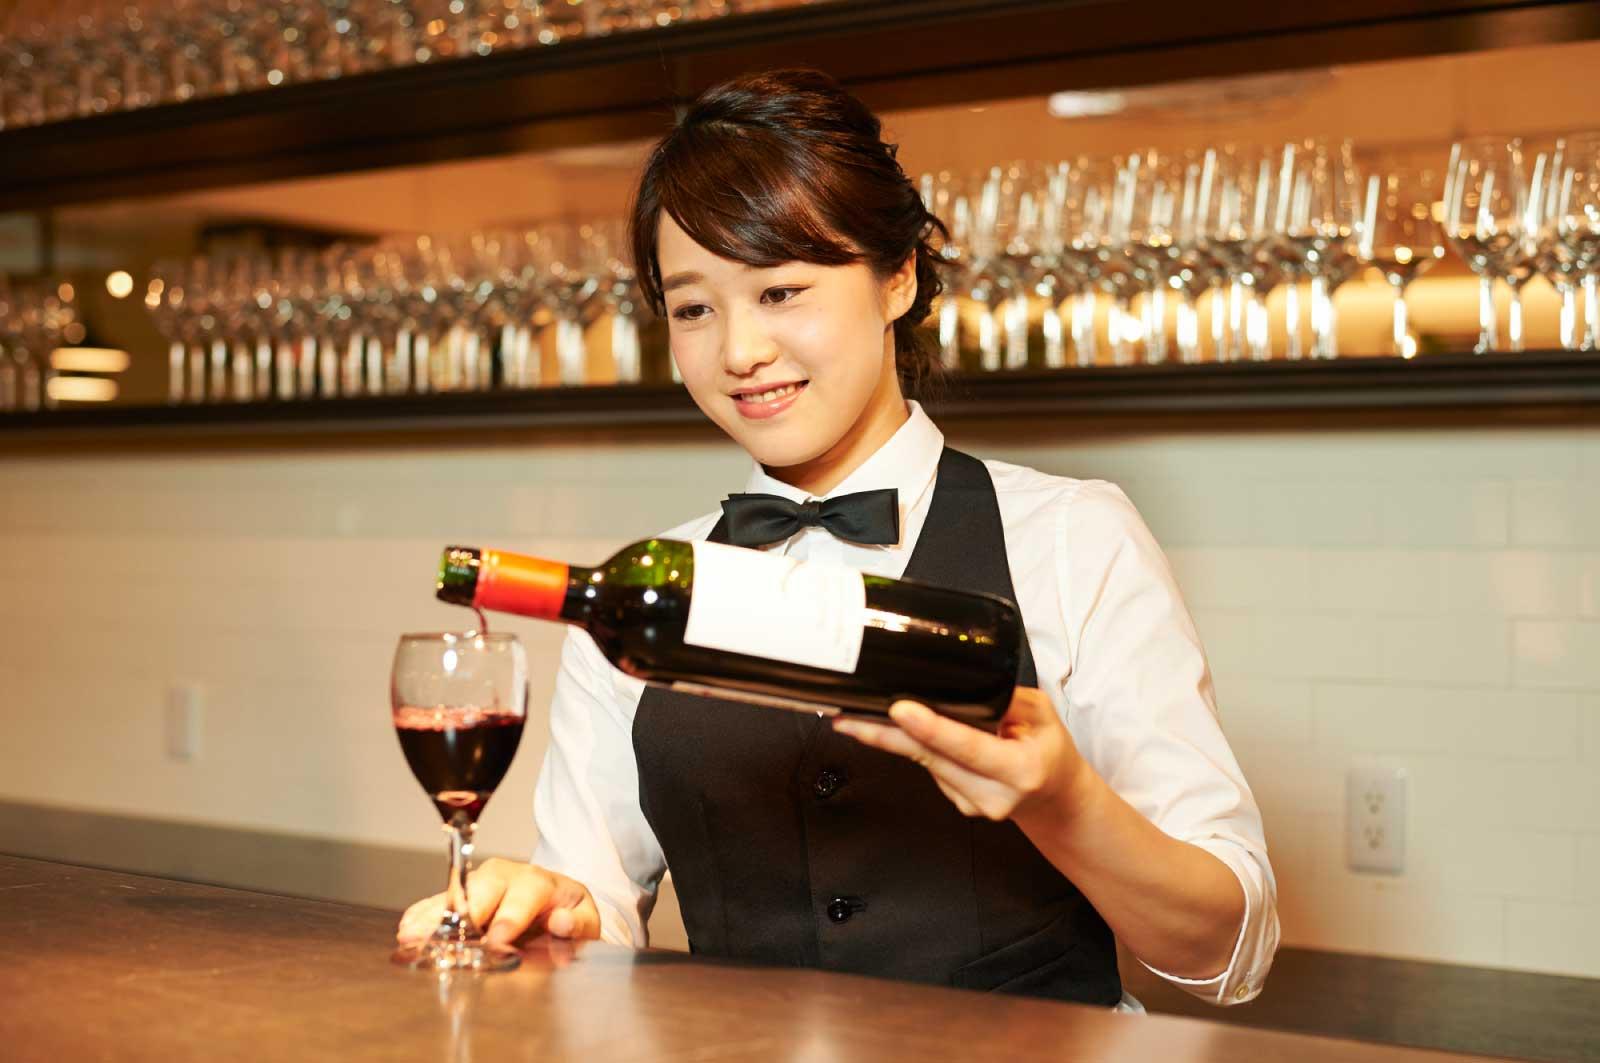 程よい値段でおいしいワインと食事ができるお店